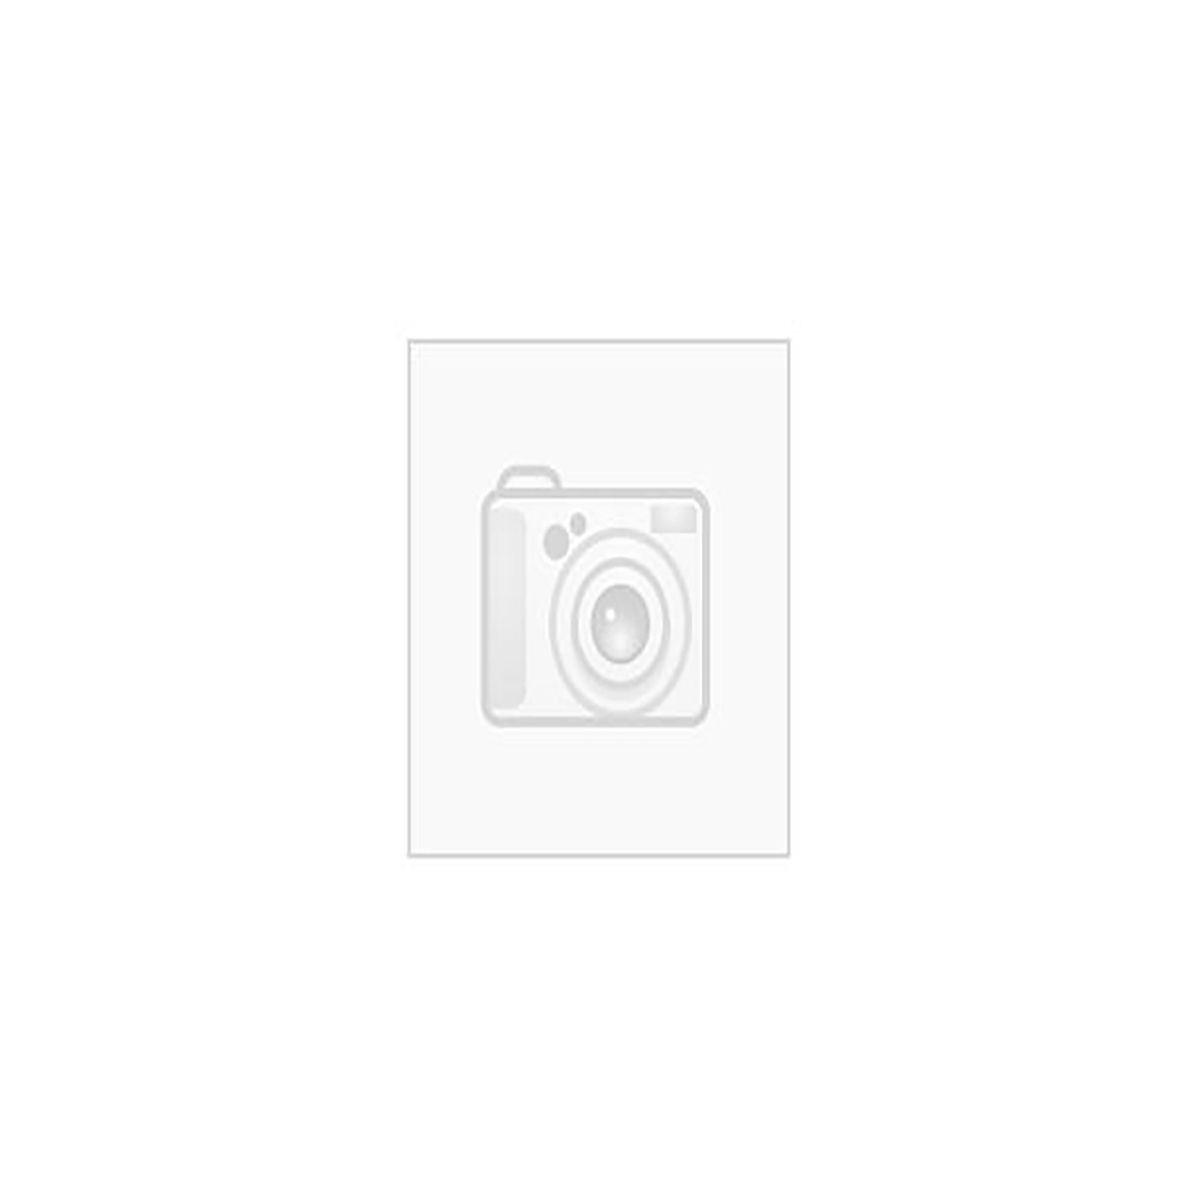 Strømberg - URBAN EDGE SHOWERBATH 1575X700/845MM HØYRE - Med Carronite™